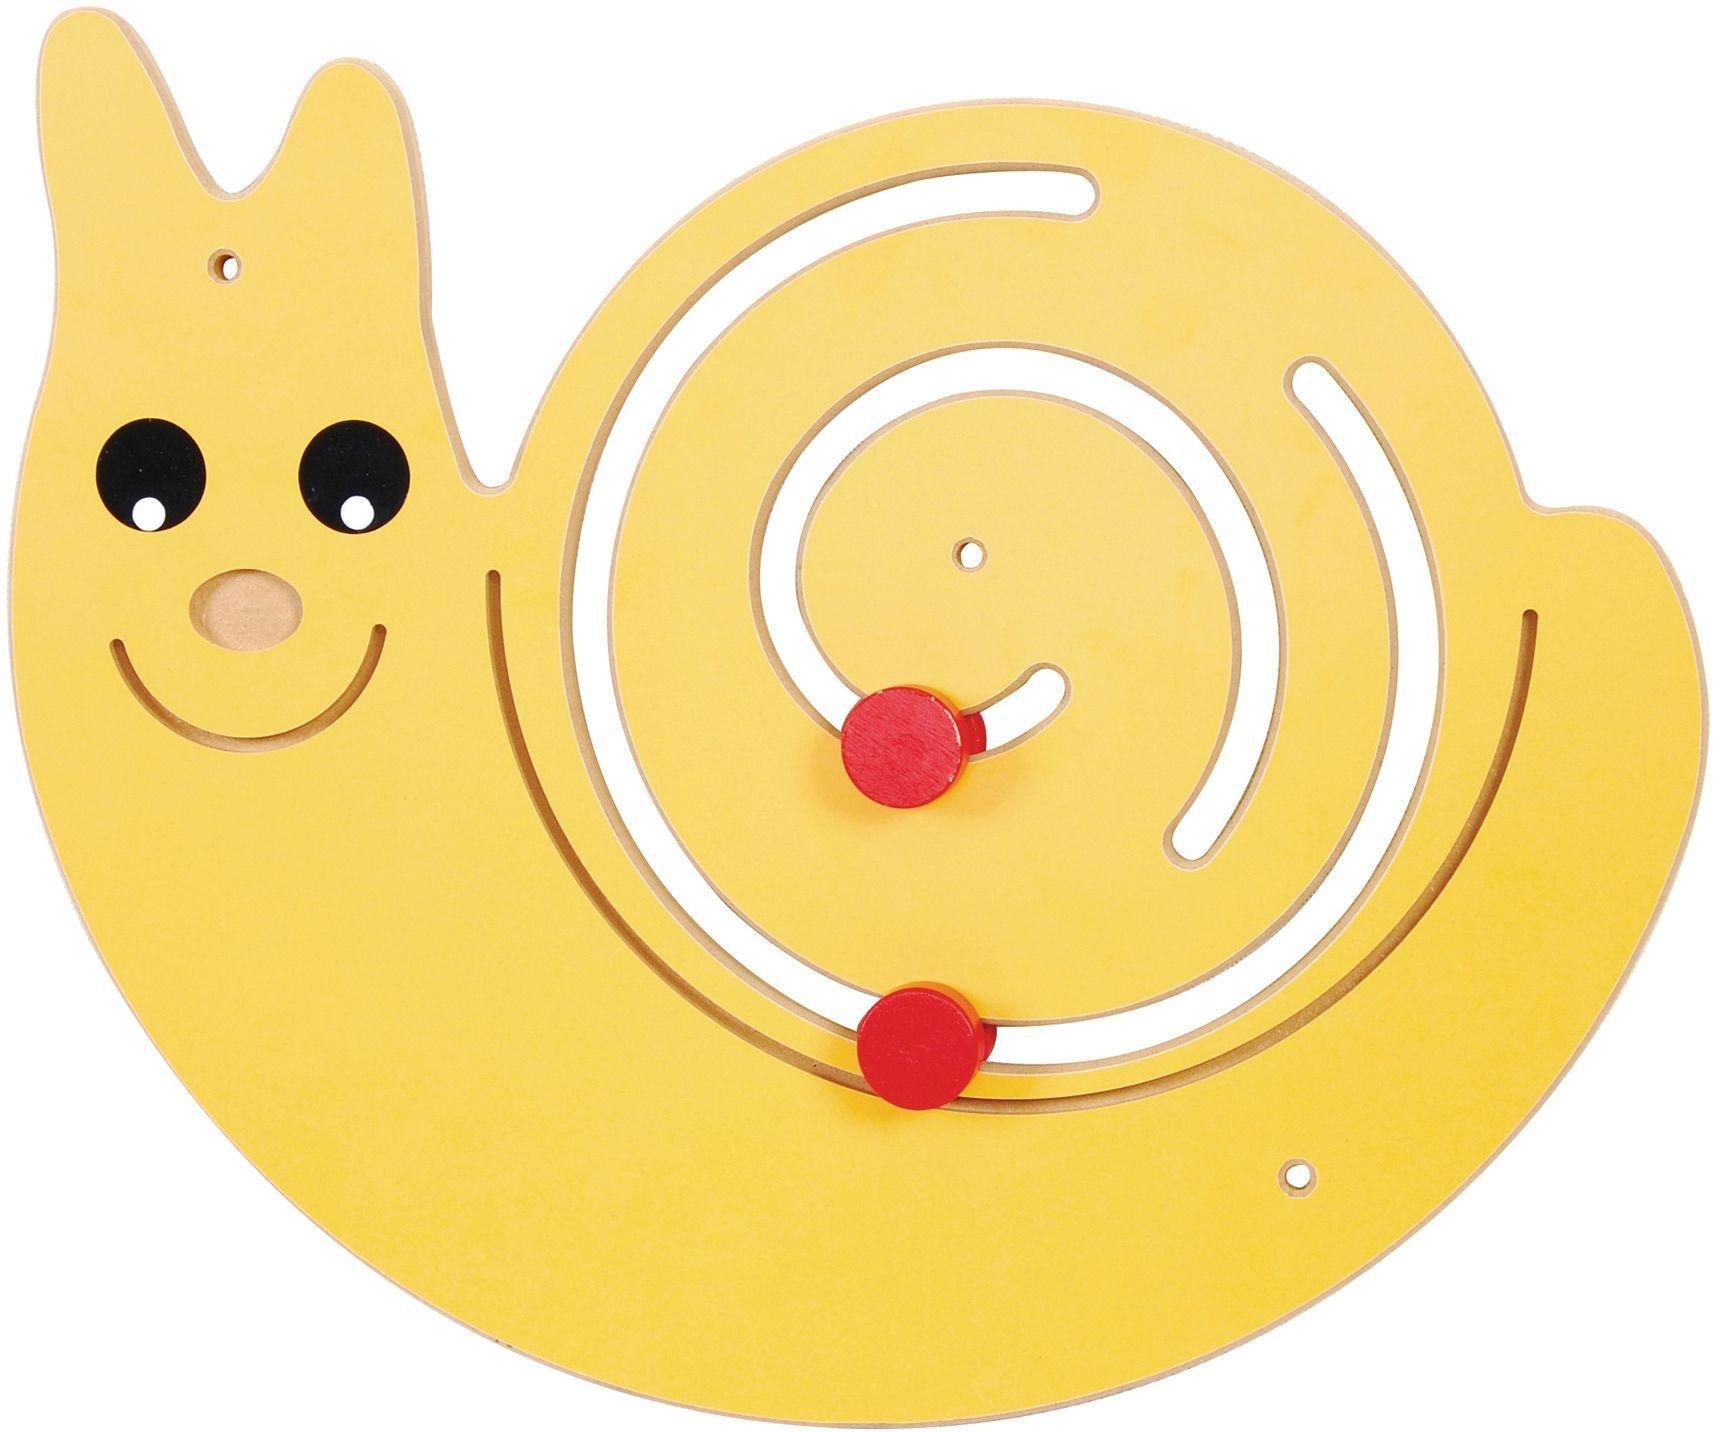 Image of Snail Play Sensory Play Panel.